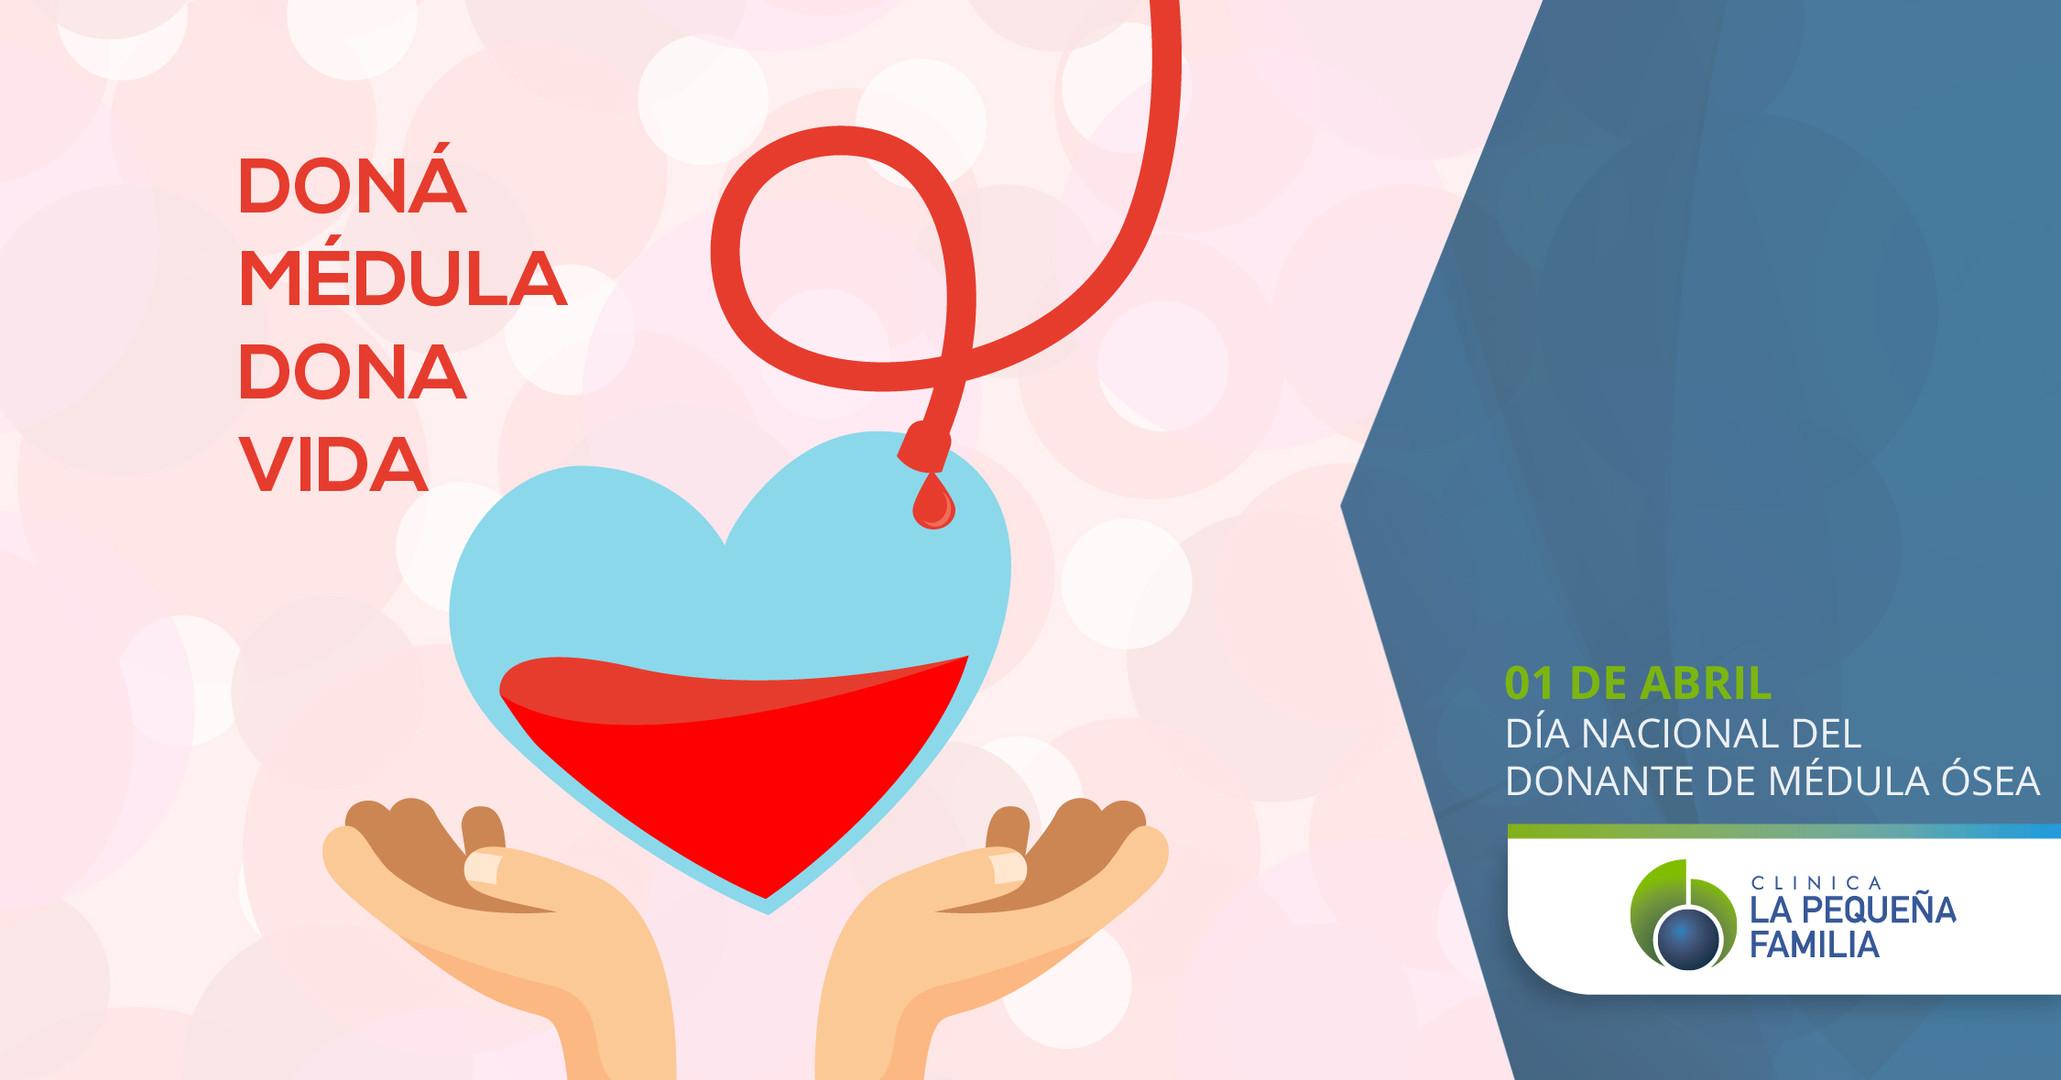 01/04 Día Nacional del Donante de Médula Ósea